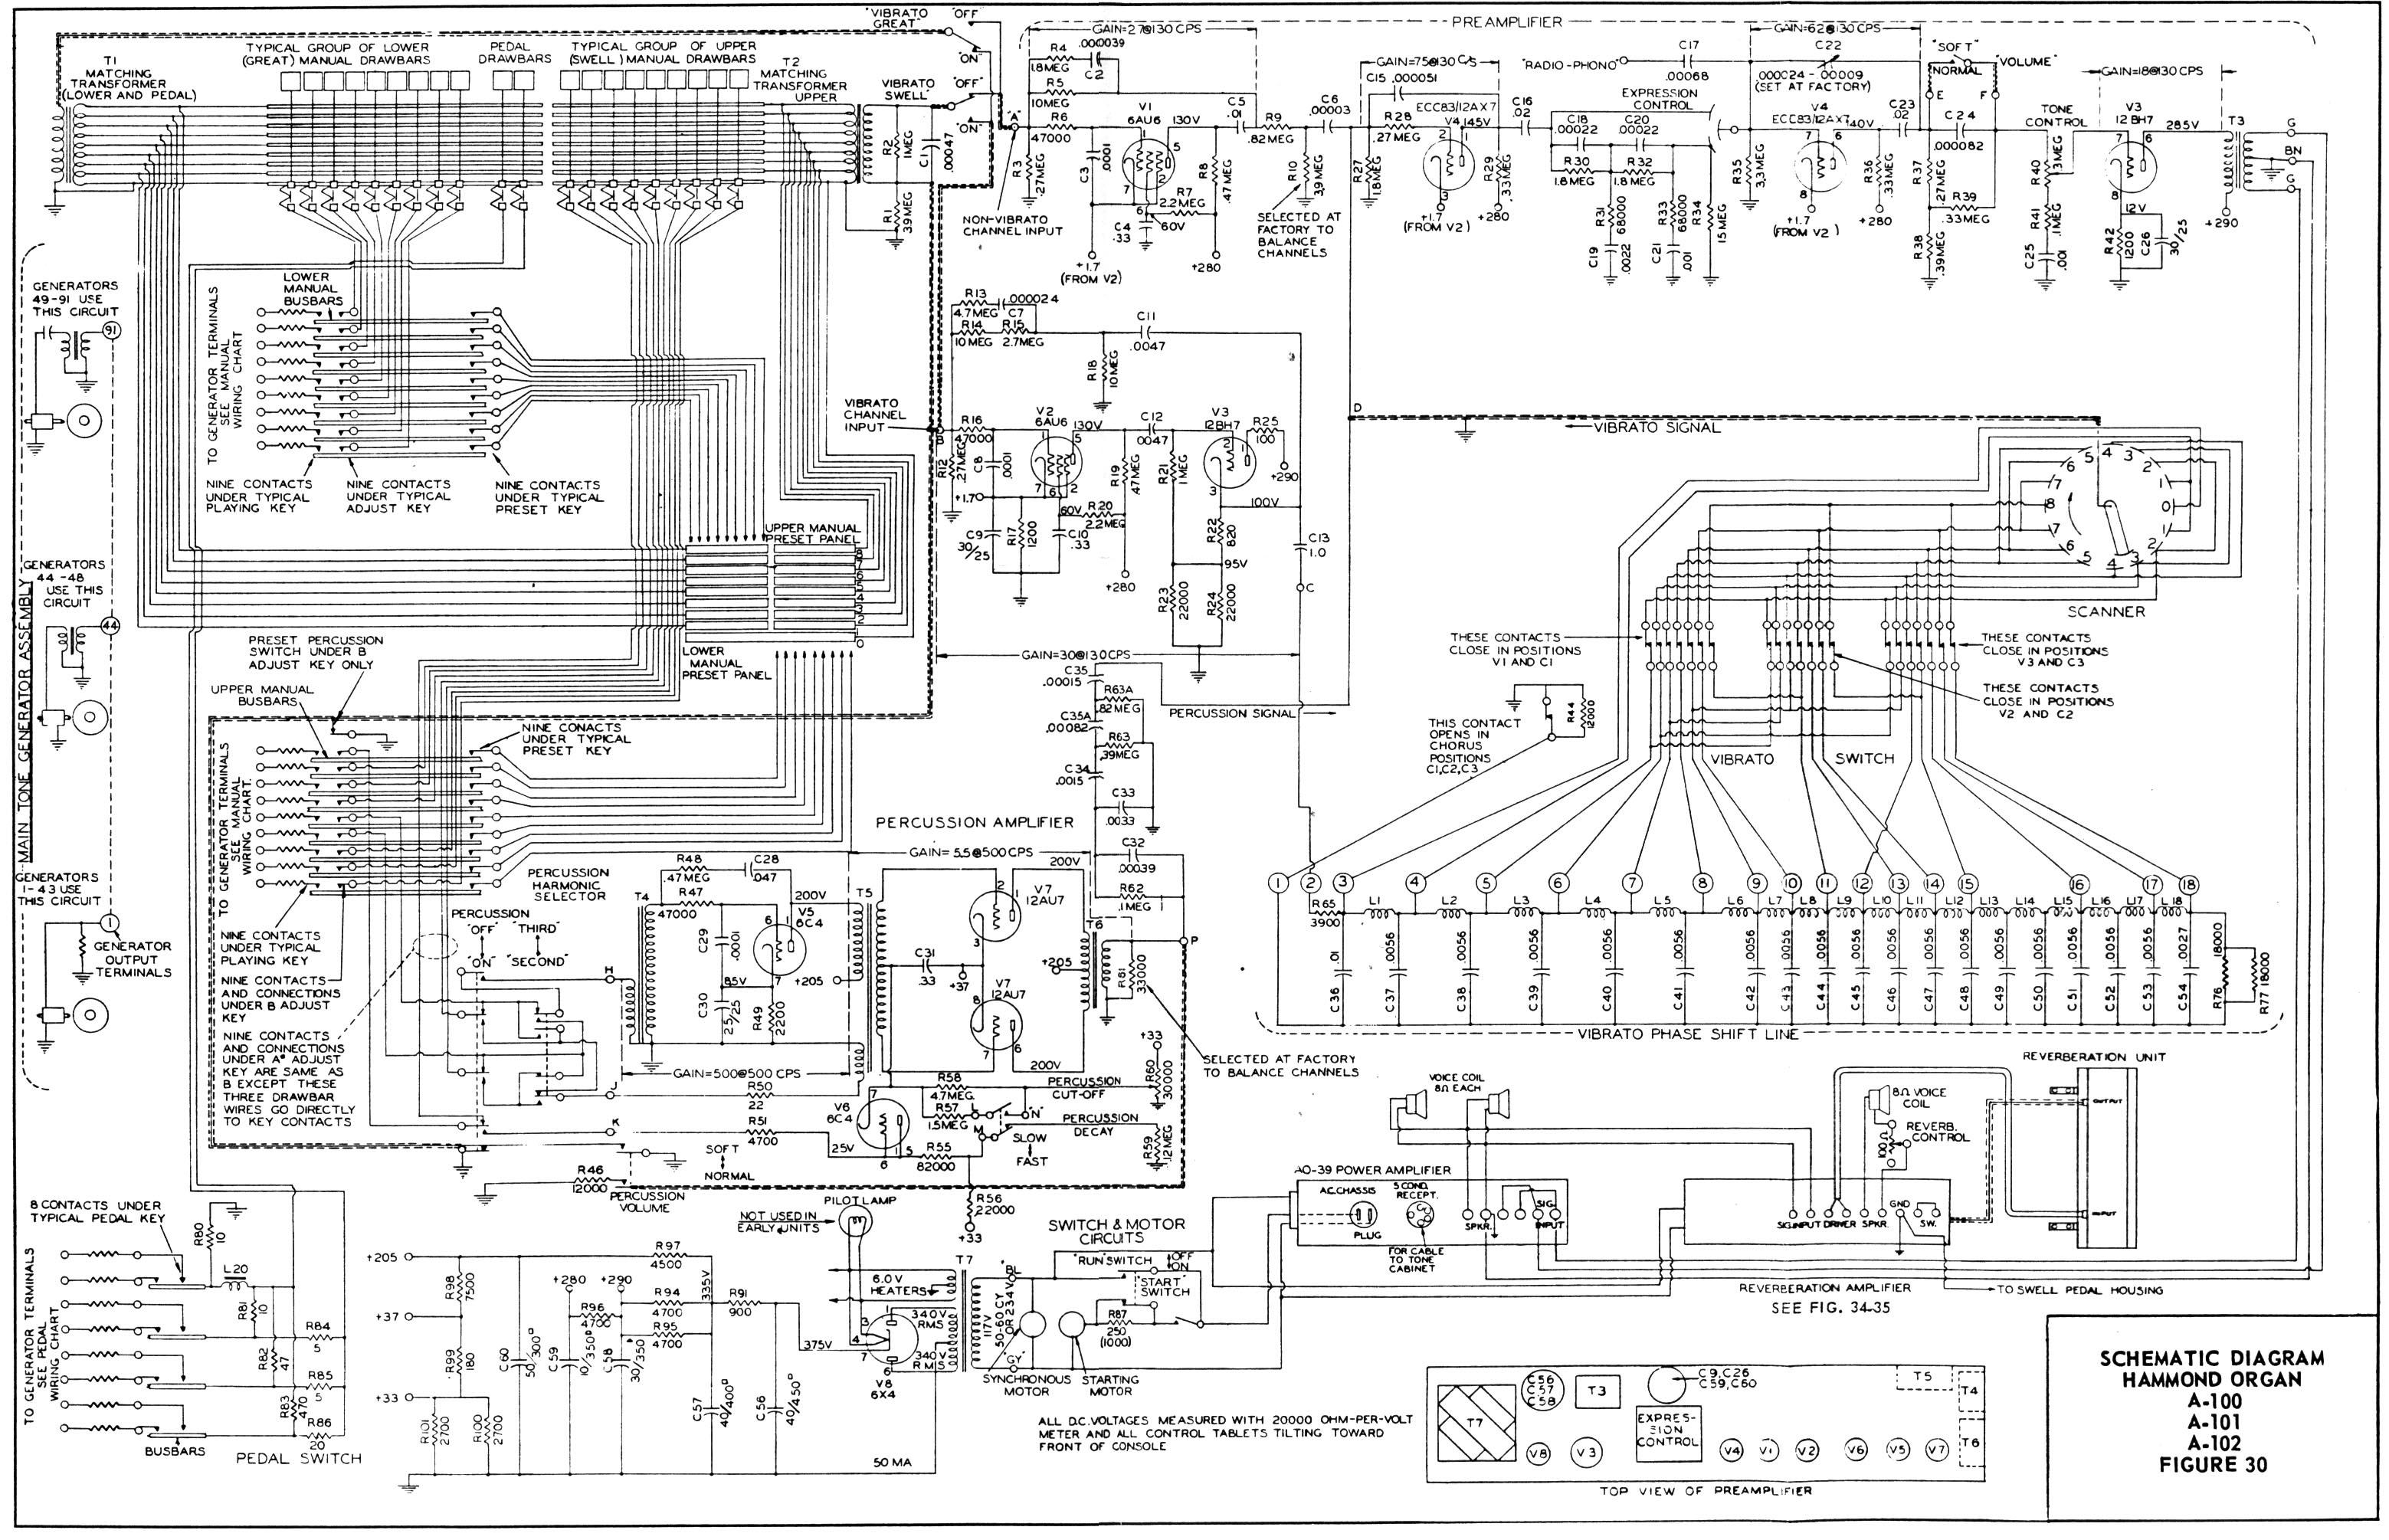 Hammond Organ Wiring Schematics